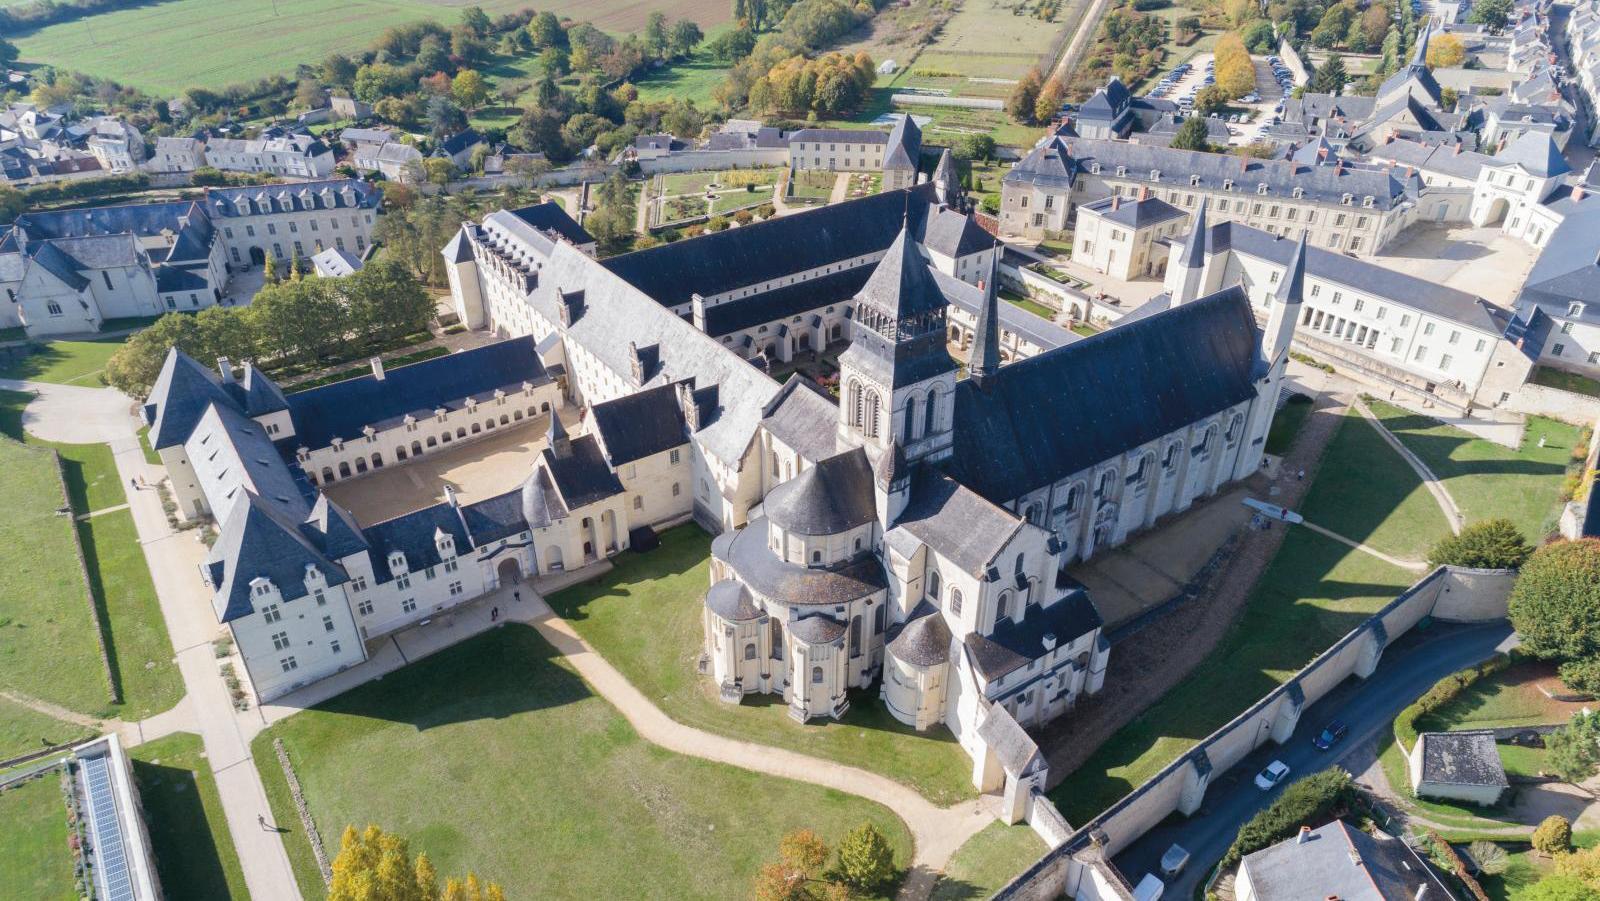 The Royal Abbaye of Fontevraud (sky view). © Région Pays de la Loire / M. Gross